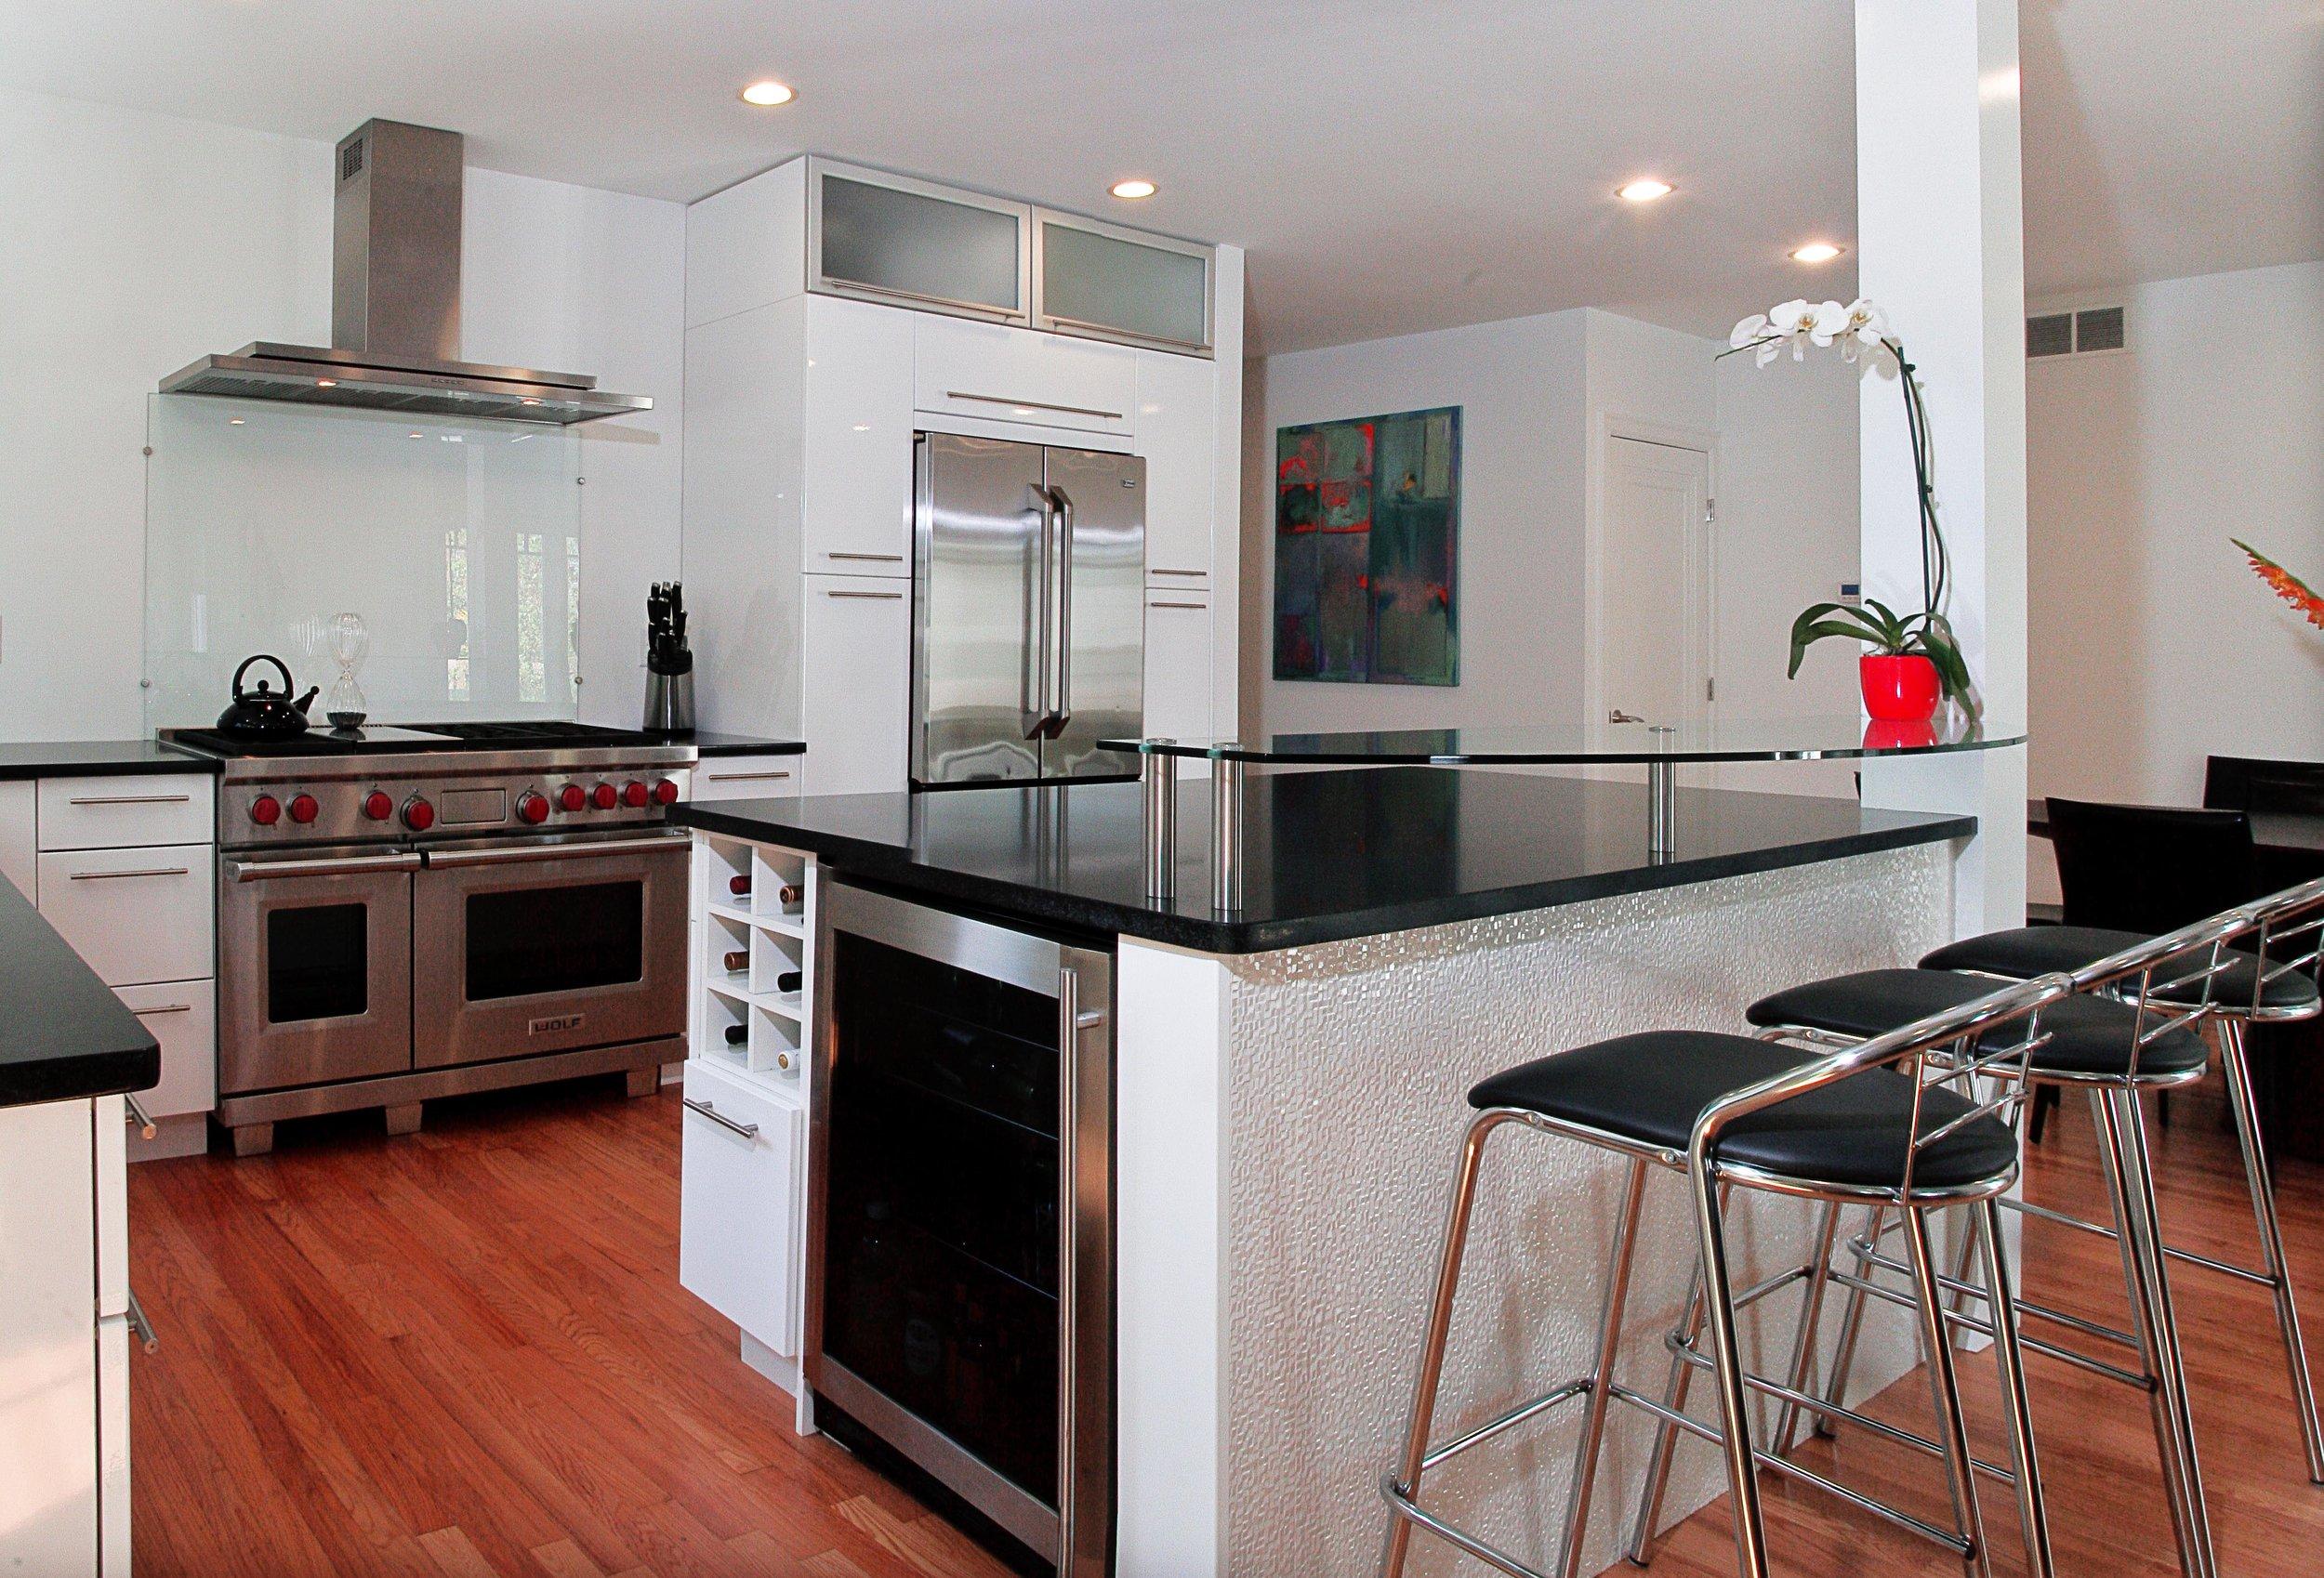 kitchen edit five.jpg